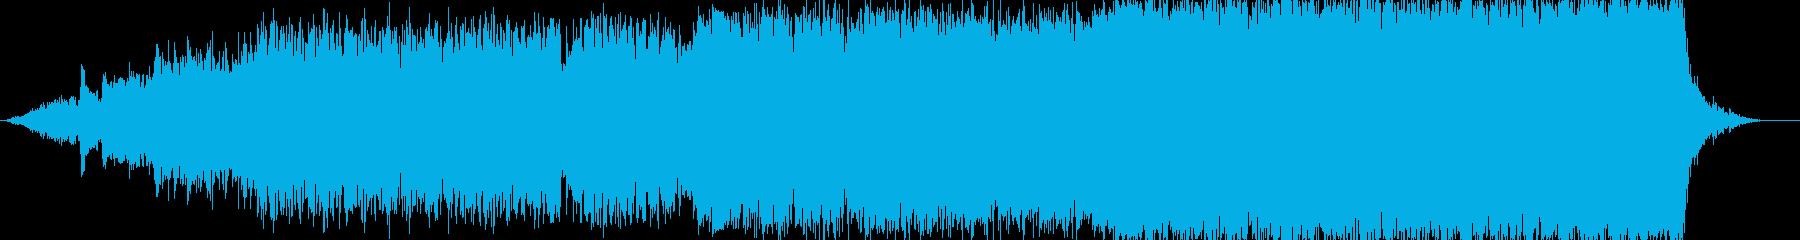 チャペル入場をイメージしたバラードの再生済みの波形